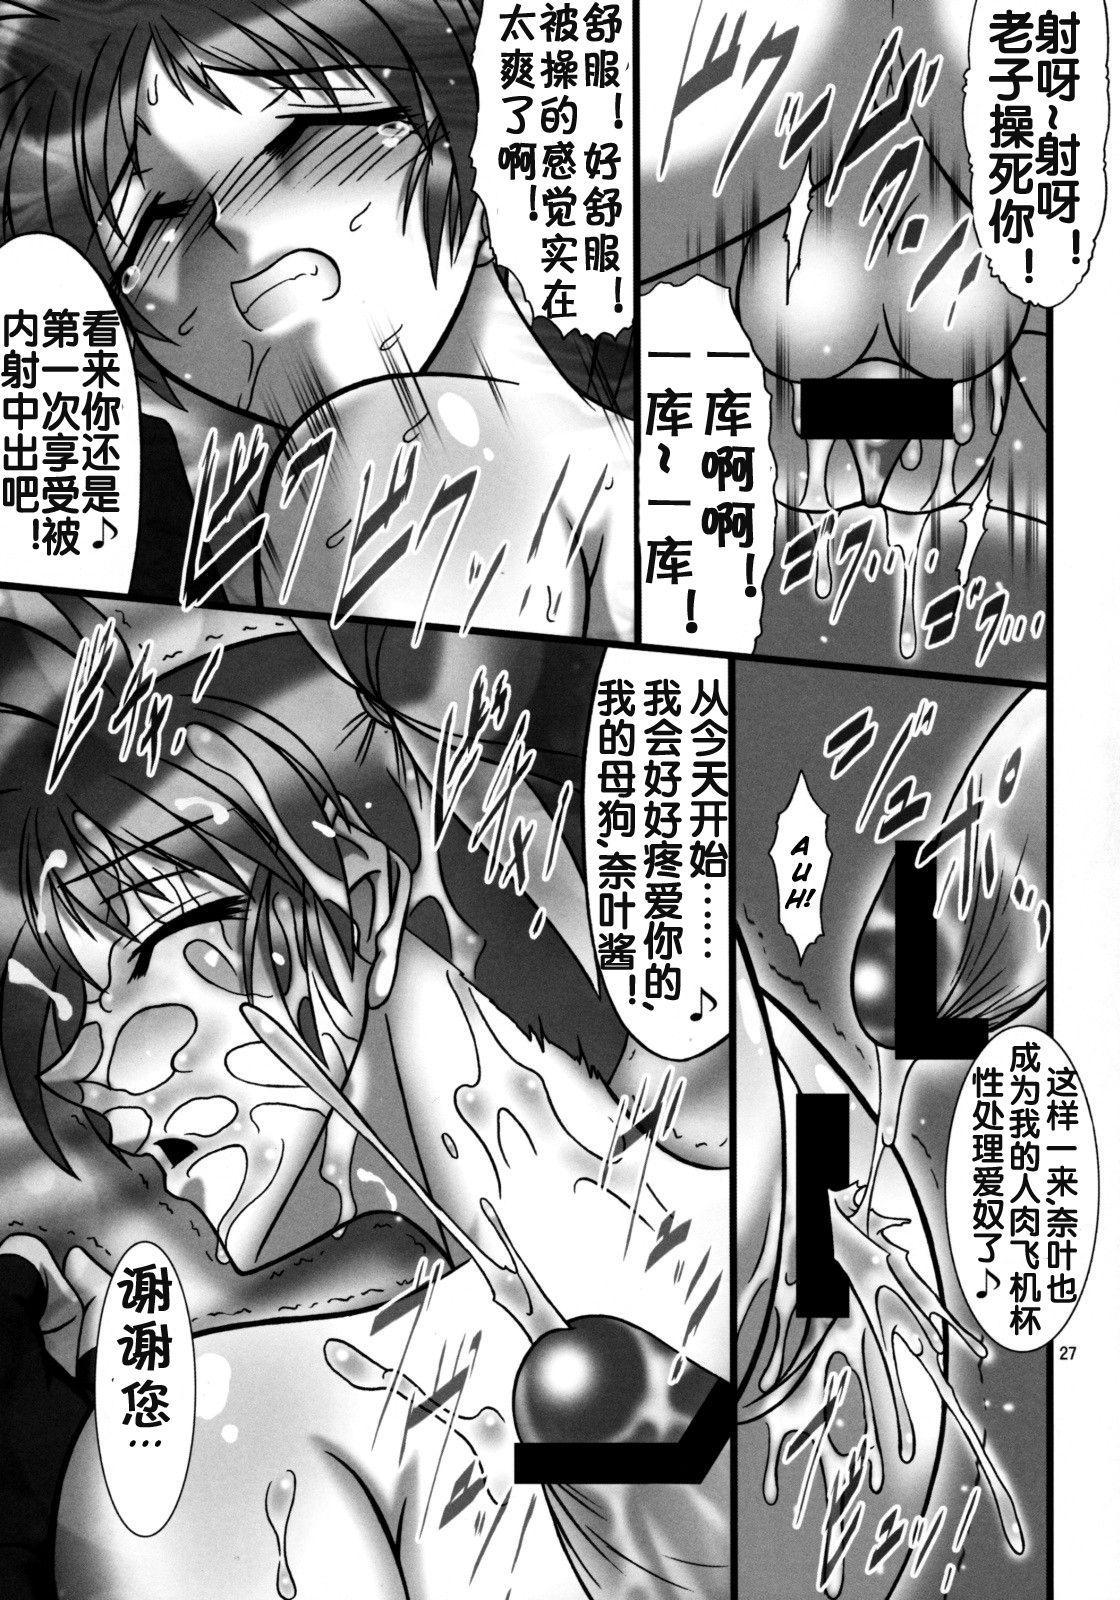 Angel's stroke 22 Datenshi Gekitsui 27